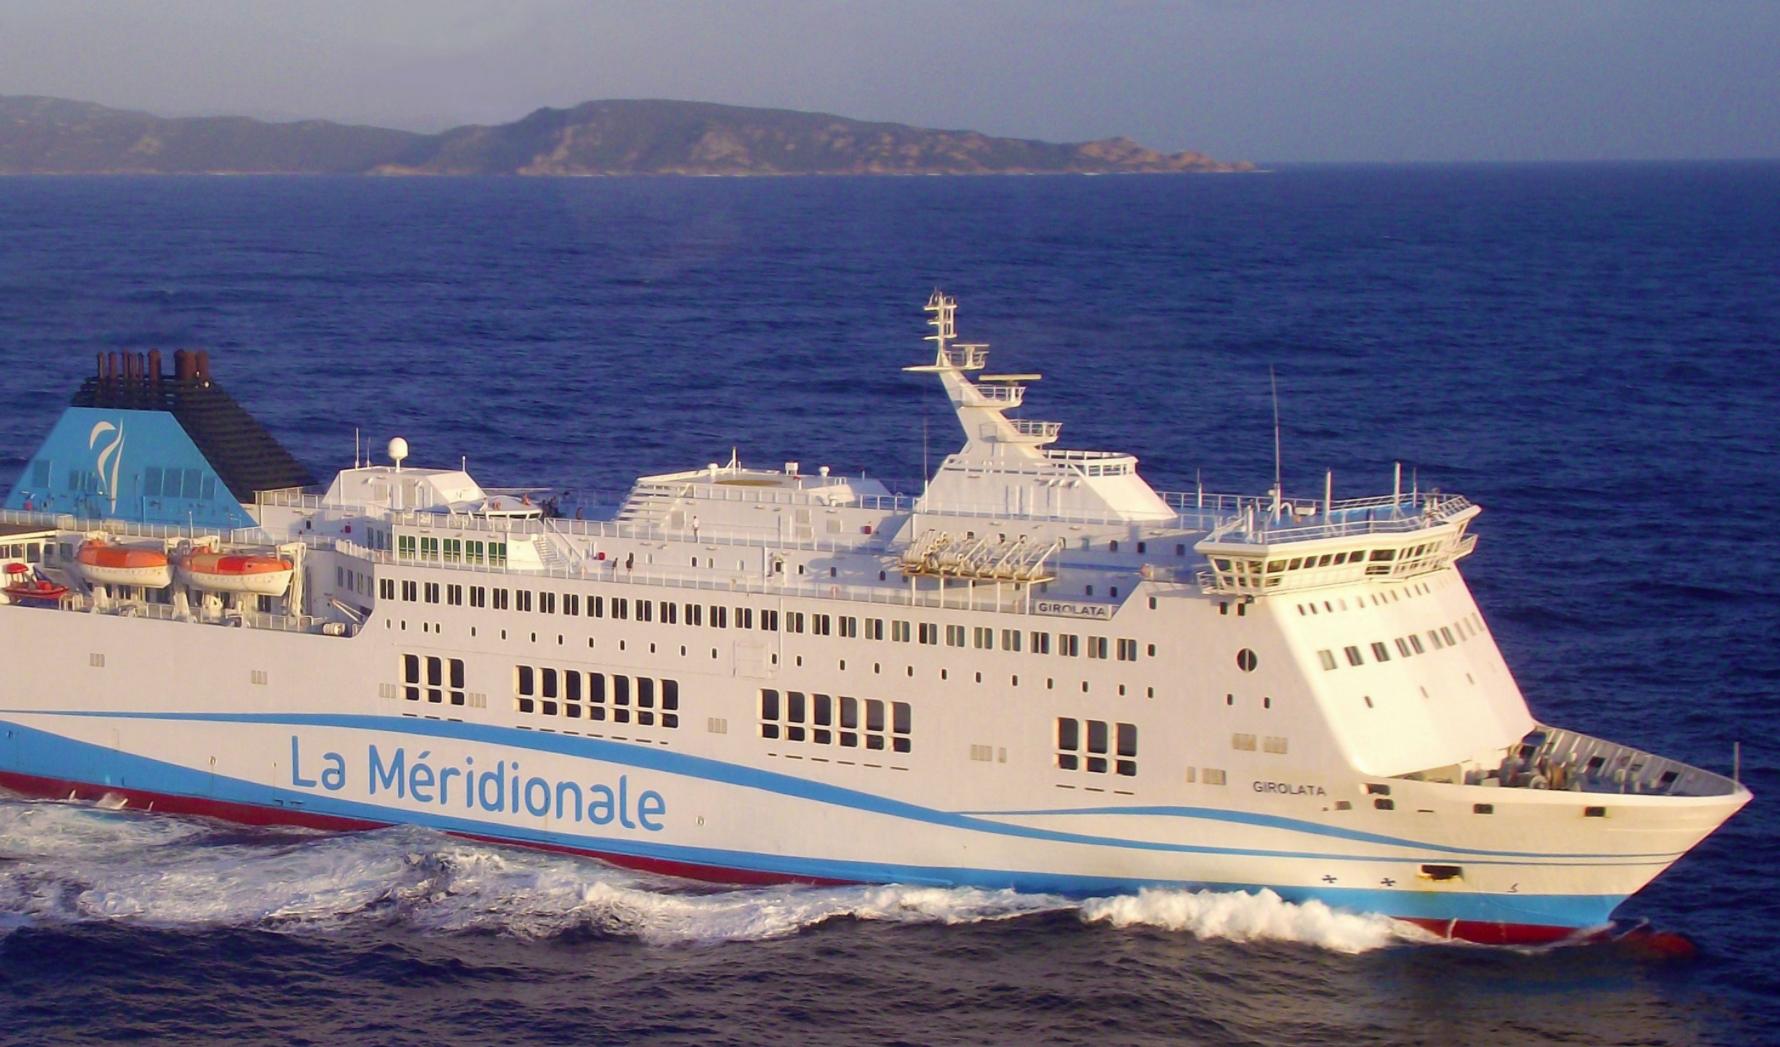 Traduction du site internet de la compagnie maritime La Méridionale en 3 langues (italien, anglais, espagnol)